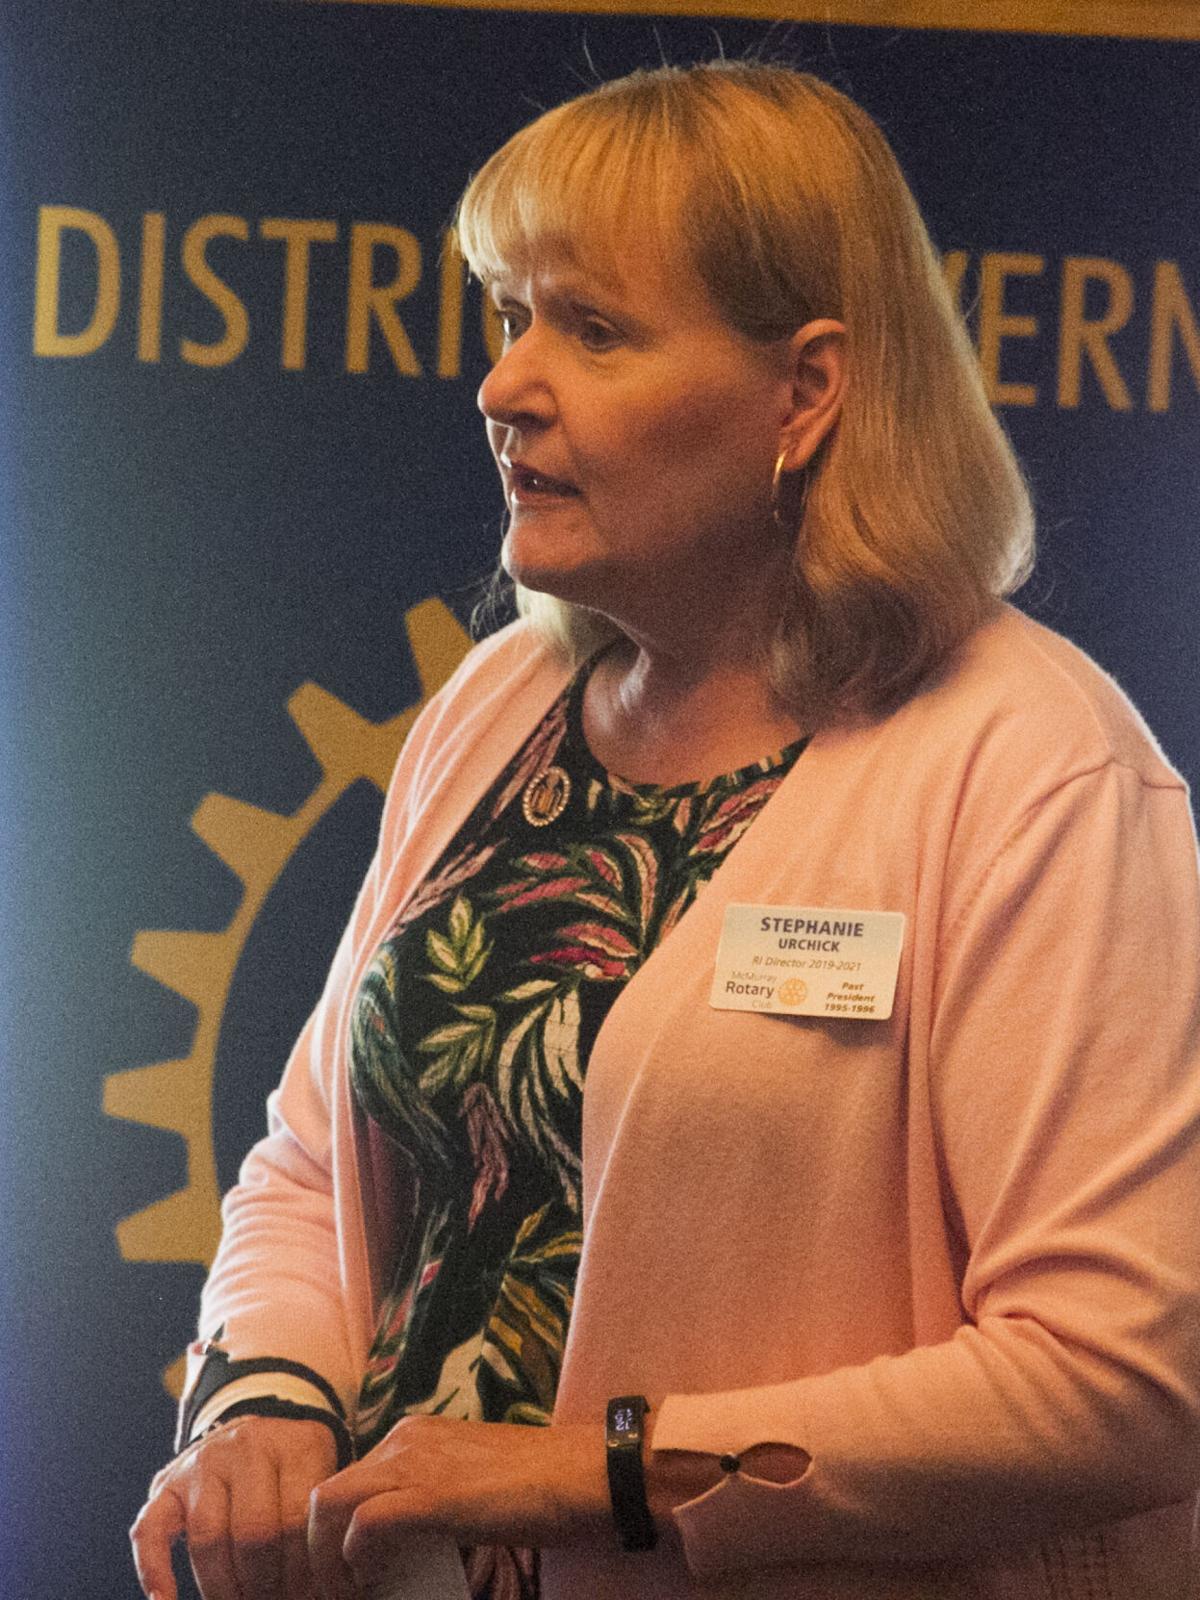 Stephanie Urchick